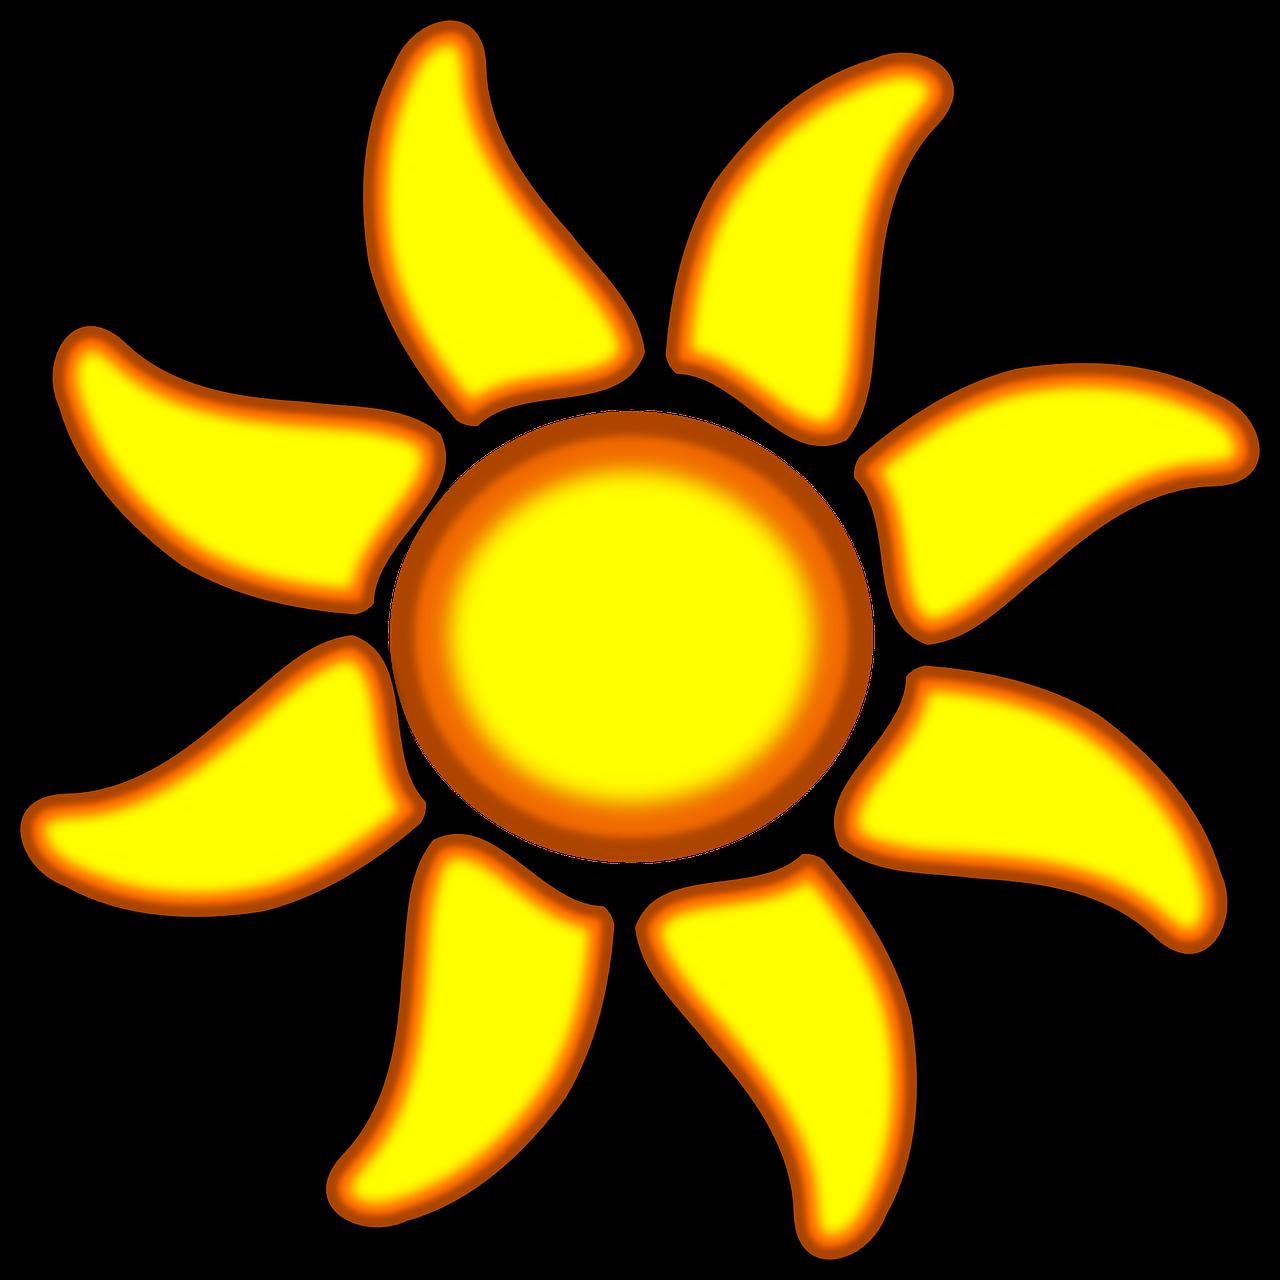 Bunga Matahari Sinar Gambar Vektor Gratis Di Pixabay